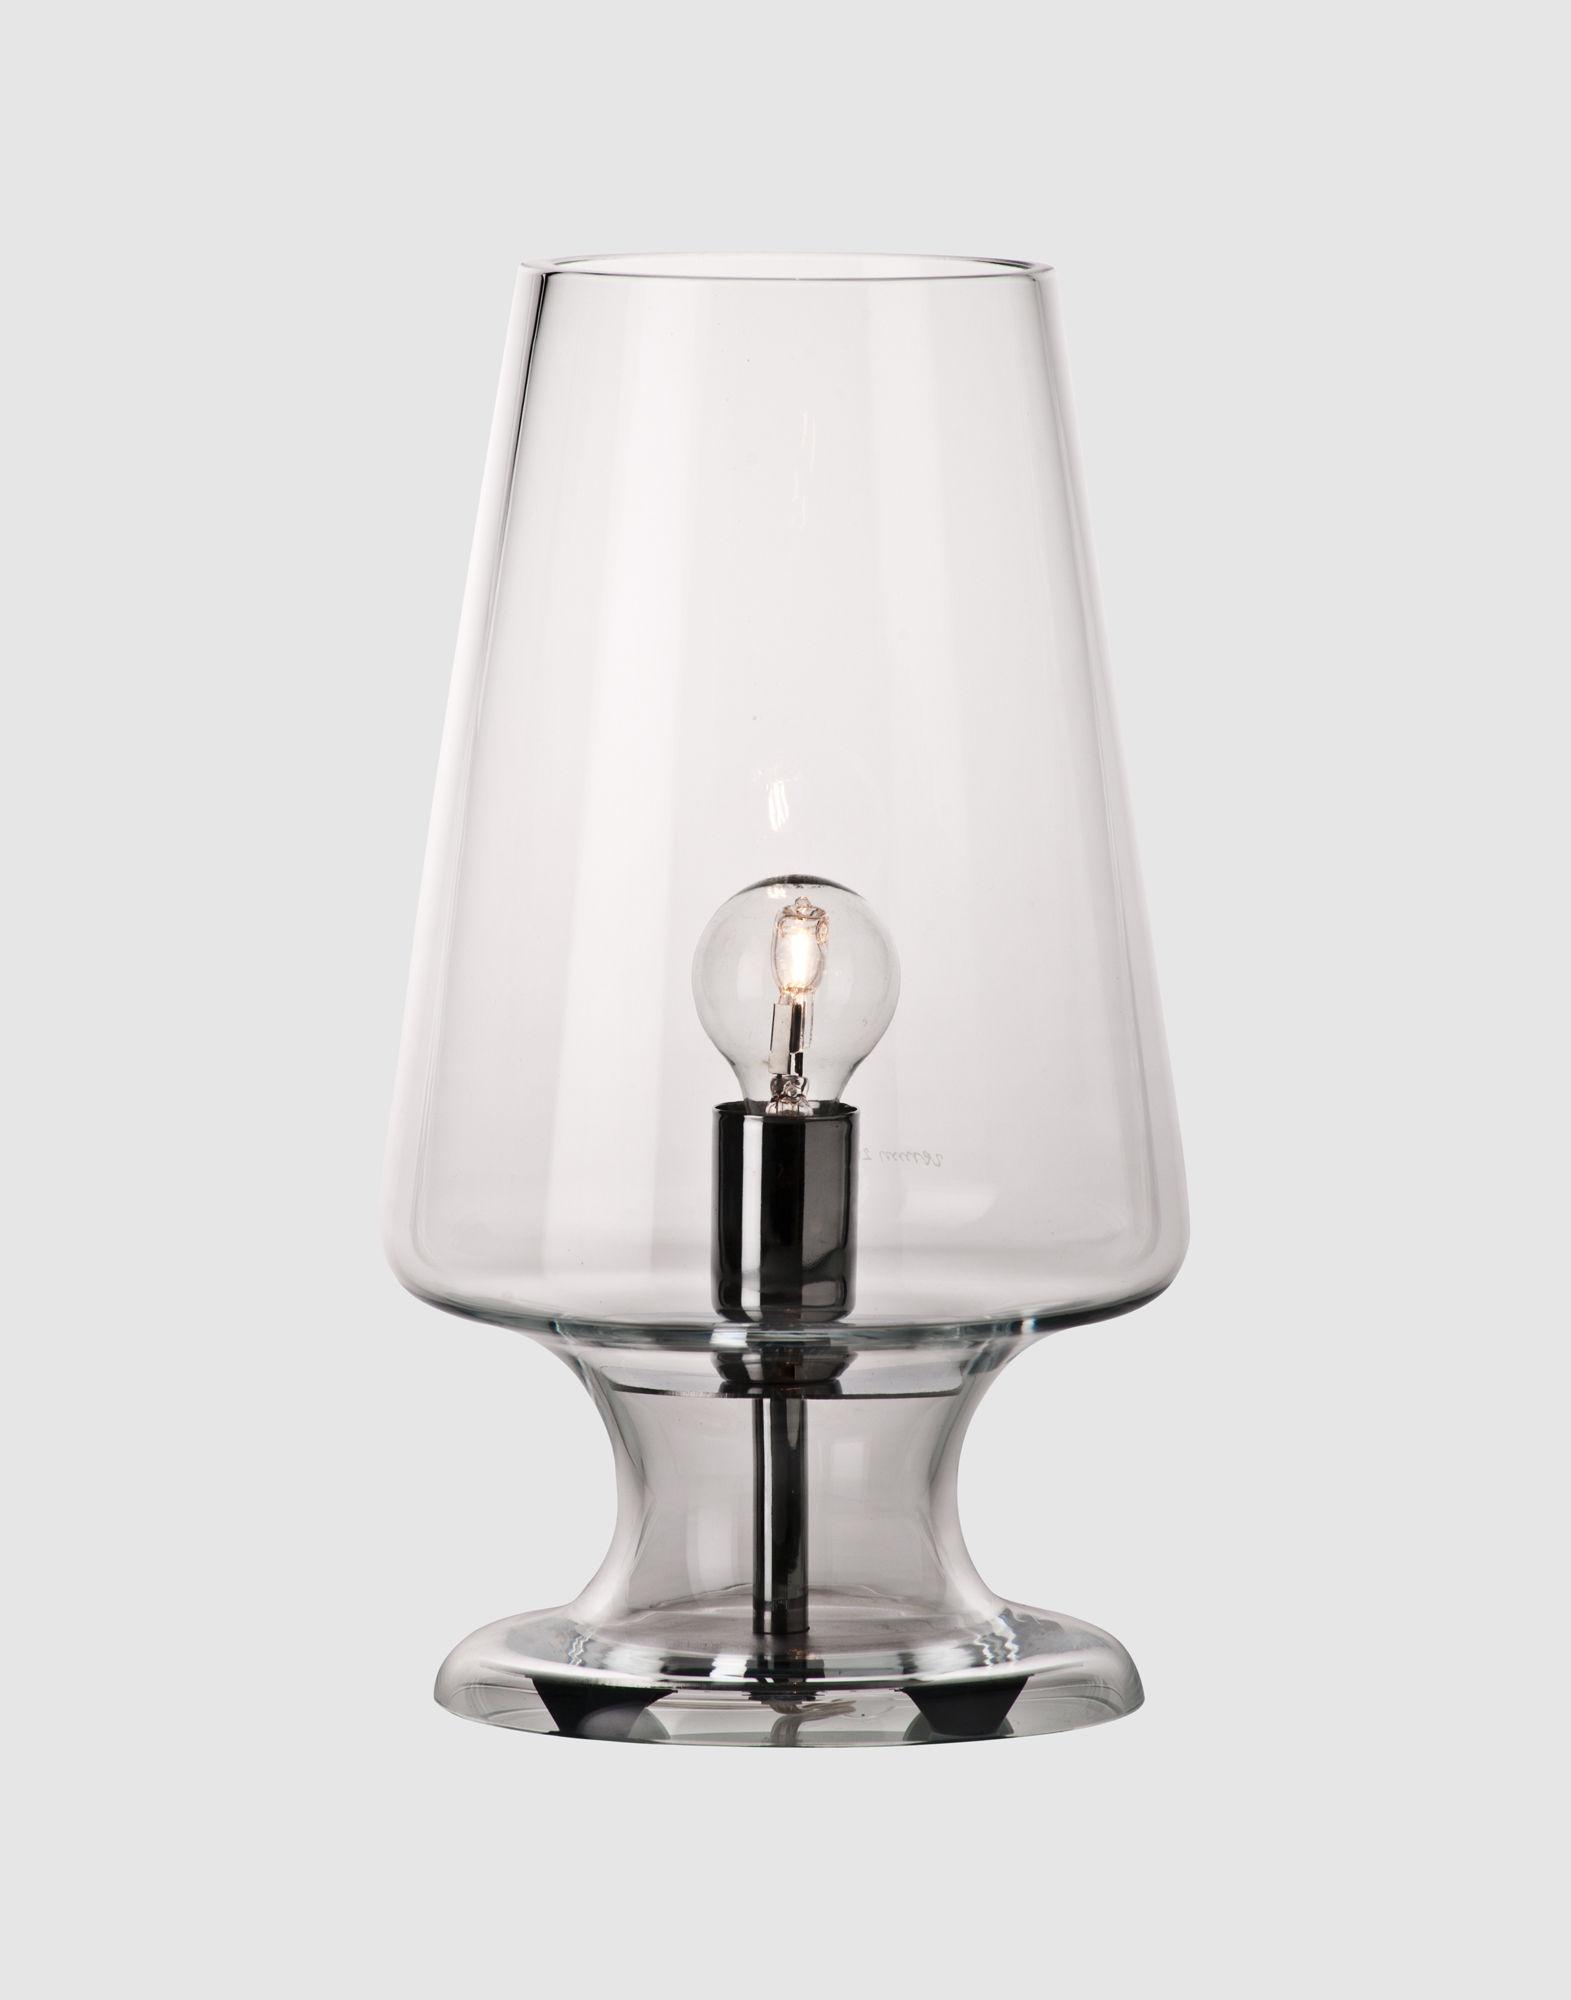 VENINI Настольная лампа брелок из авантюрина и муранского стекла к деньгам